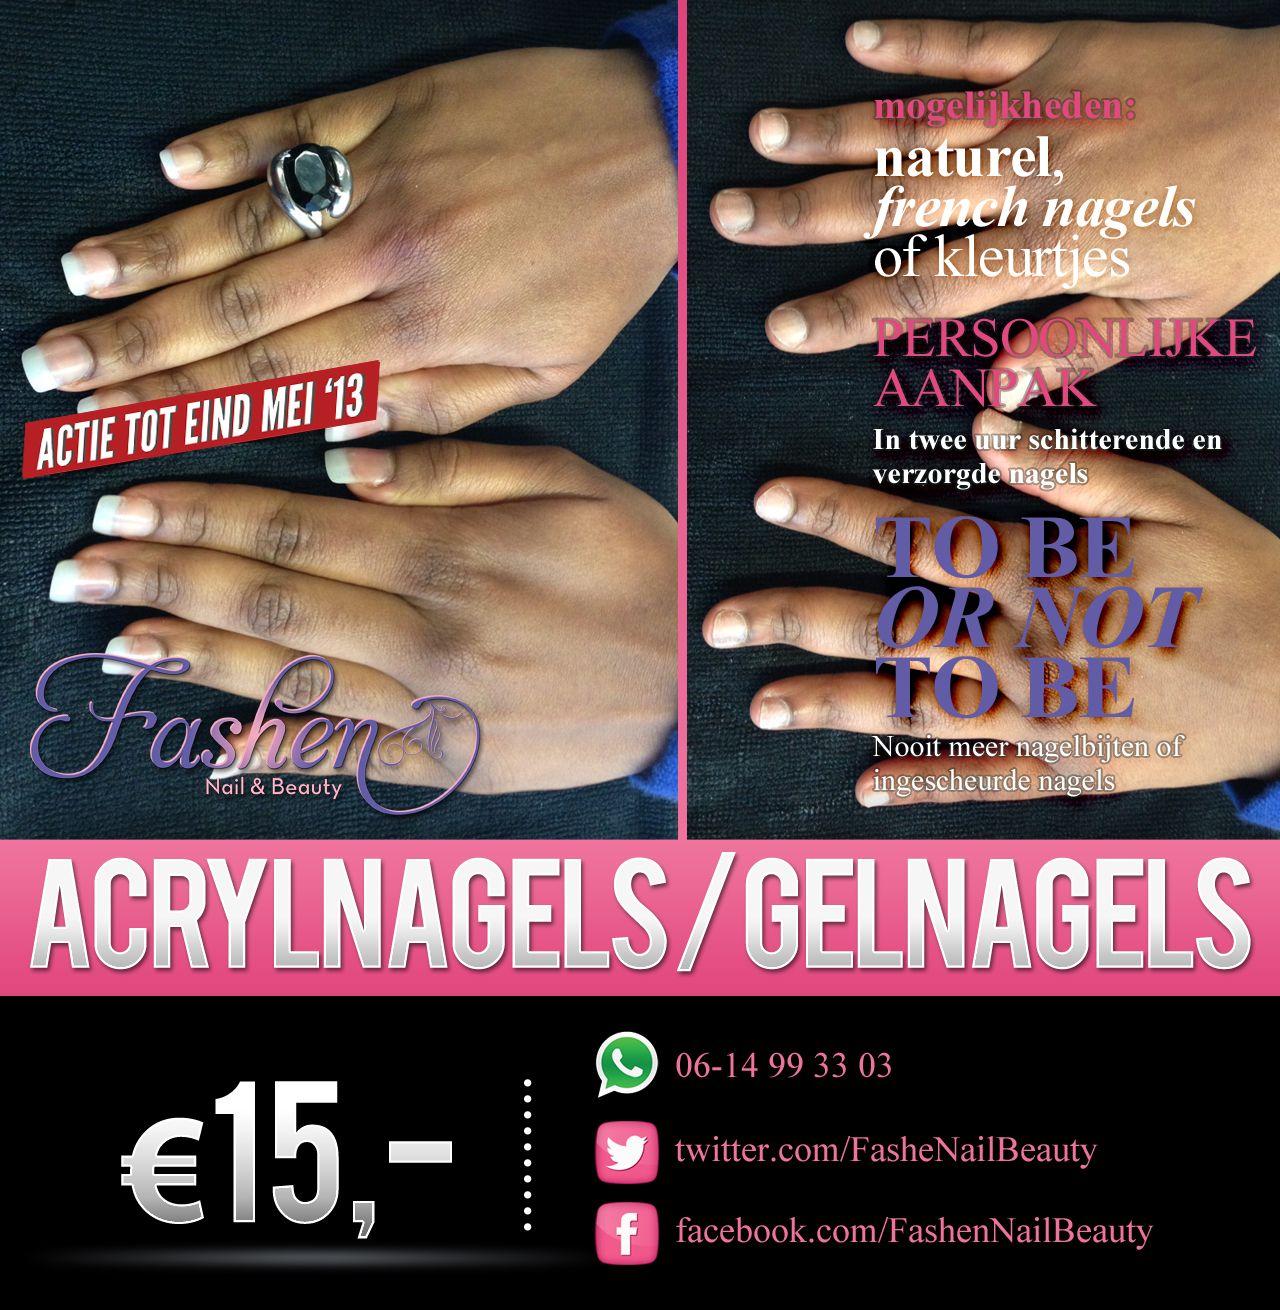 Acryl nagels - Before & After  Maak een afspraak in de maand MEI en geniet van een nagelbehandeling voor maar €15. U kan kiezen uit Naturel nagels, French nagels of een mooie kleur nagellak. Boekt u direct een vervolgafspraak dan is dit voor maar €10.   Een afspraak maakt u via jansenshanelly@gmail.com of u kunt bellen met 06-14993303  Locatie: Zwolle en omgeving!